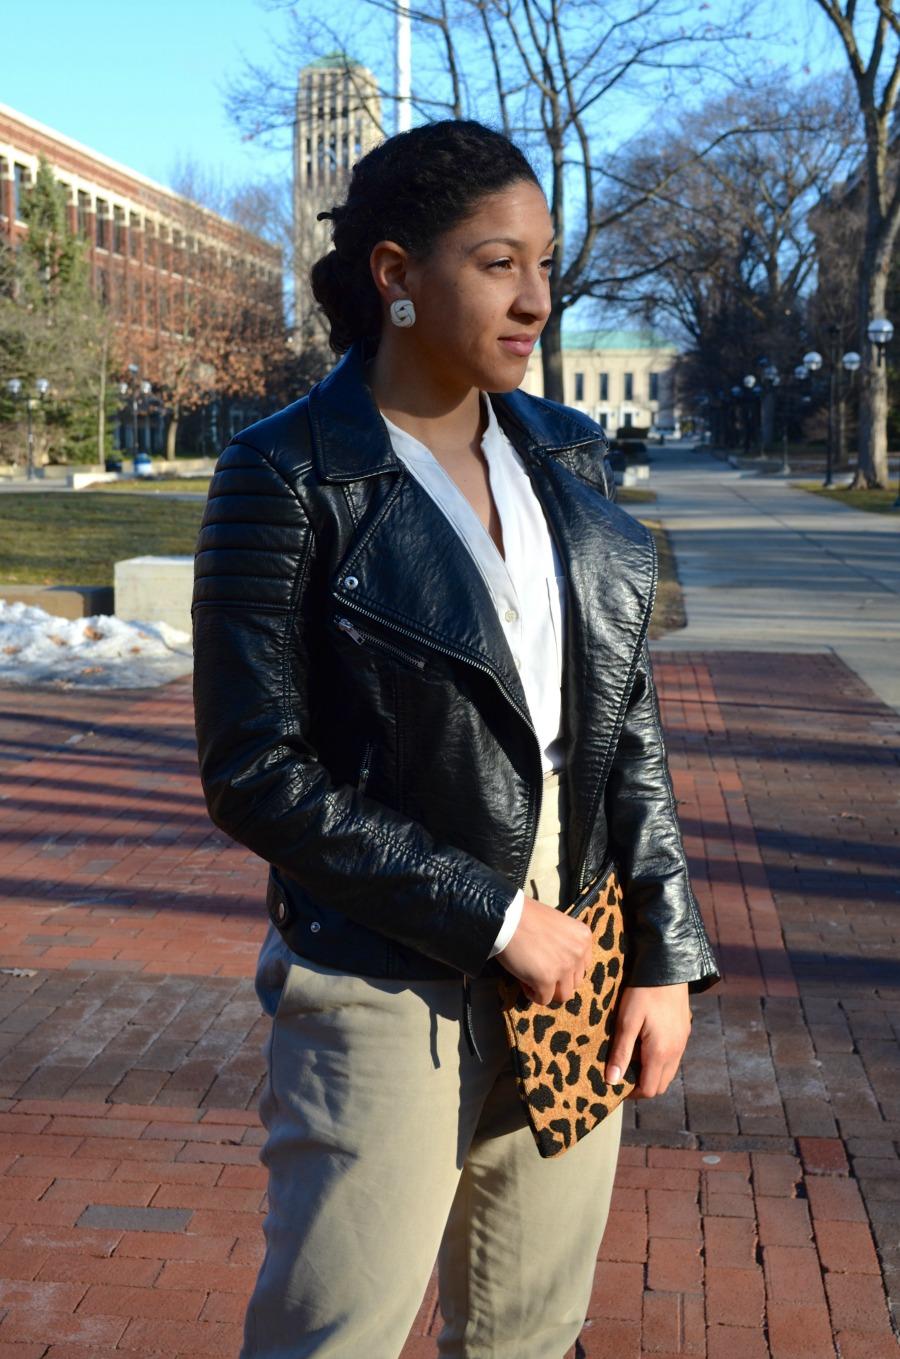 leather jacket inspo